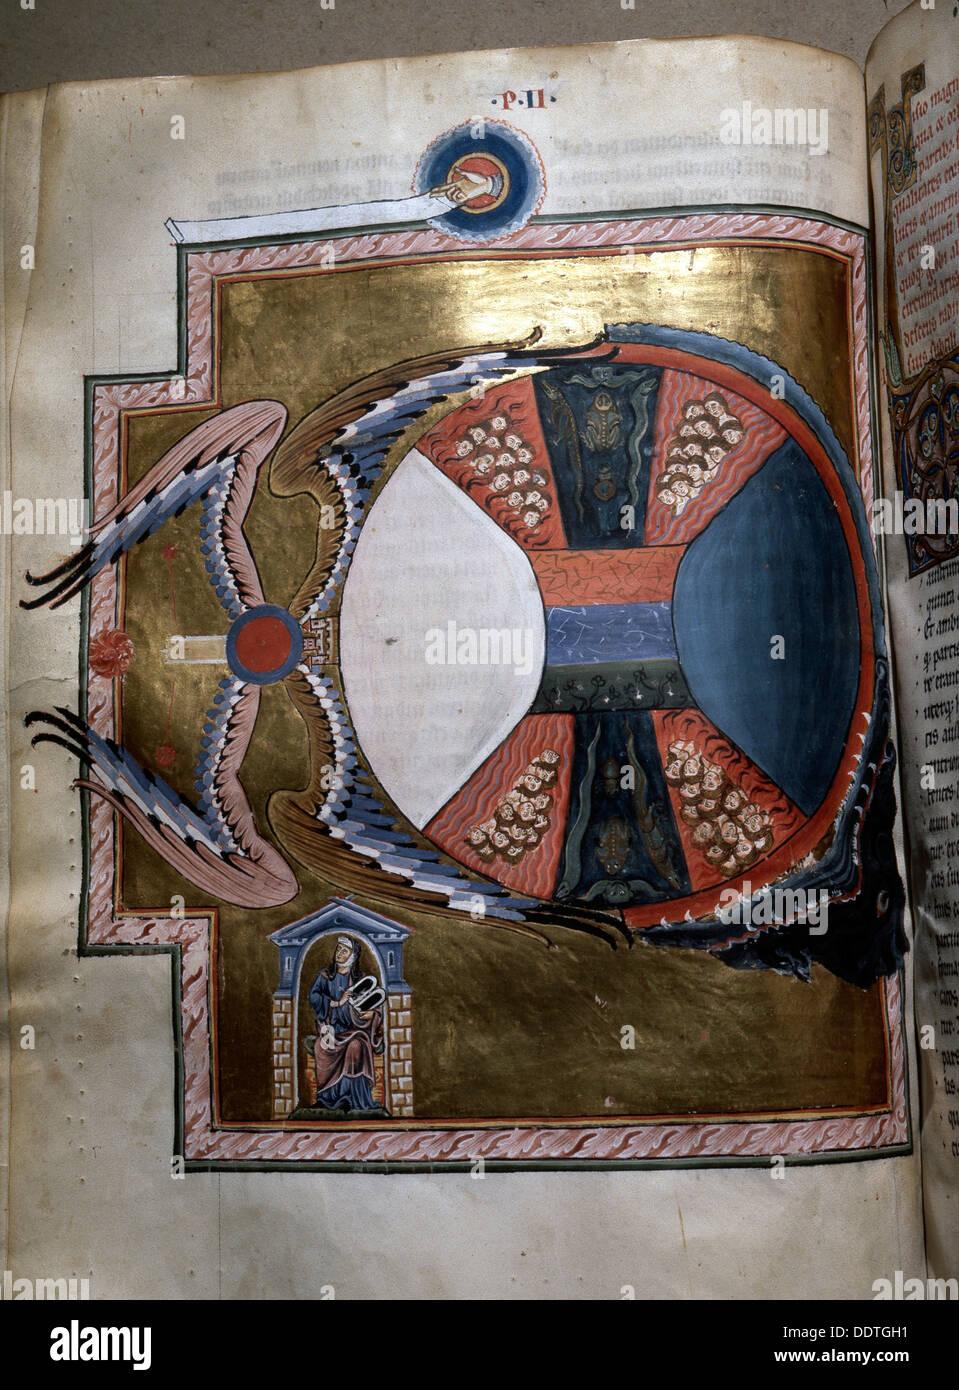 Beleuchtung von Hildegard von Bingen's Liber Divinorum Operum, 1165.  Künstler: Werner Forman Stockfoto